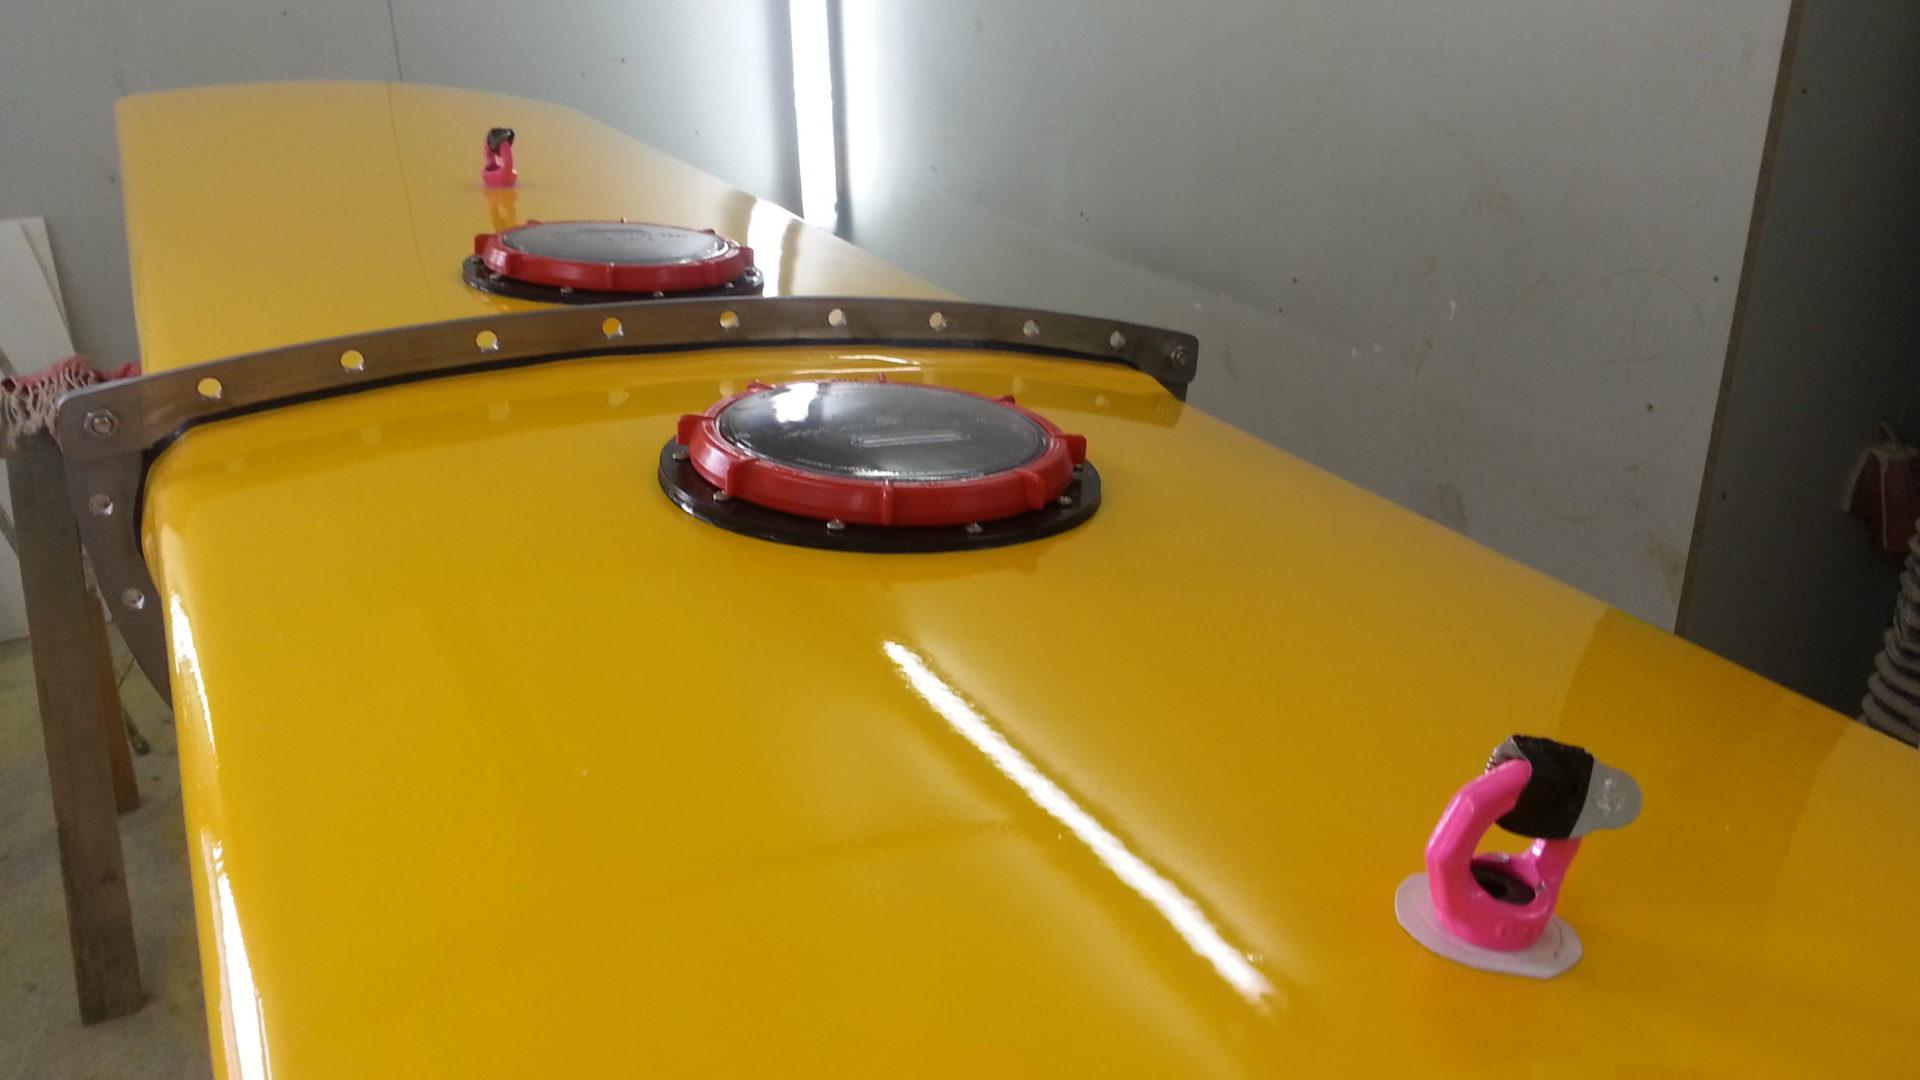 Detailansicht vom NEMOS Schwimmkörper für eine Wellenenergiegewinnungsanlage kurz nach der Fertigstellung in der Werkstatt.